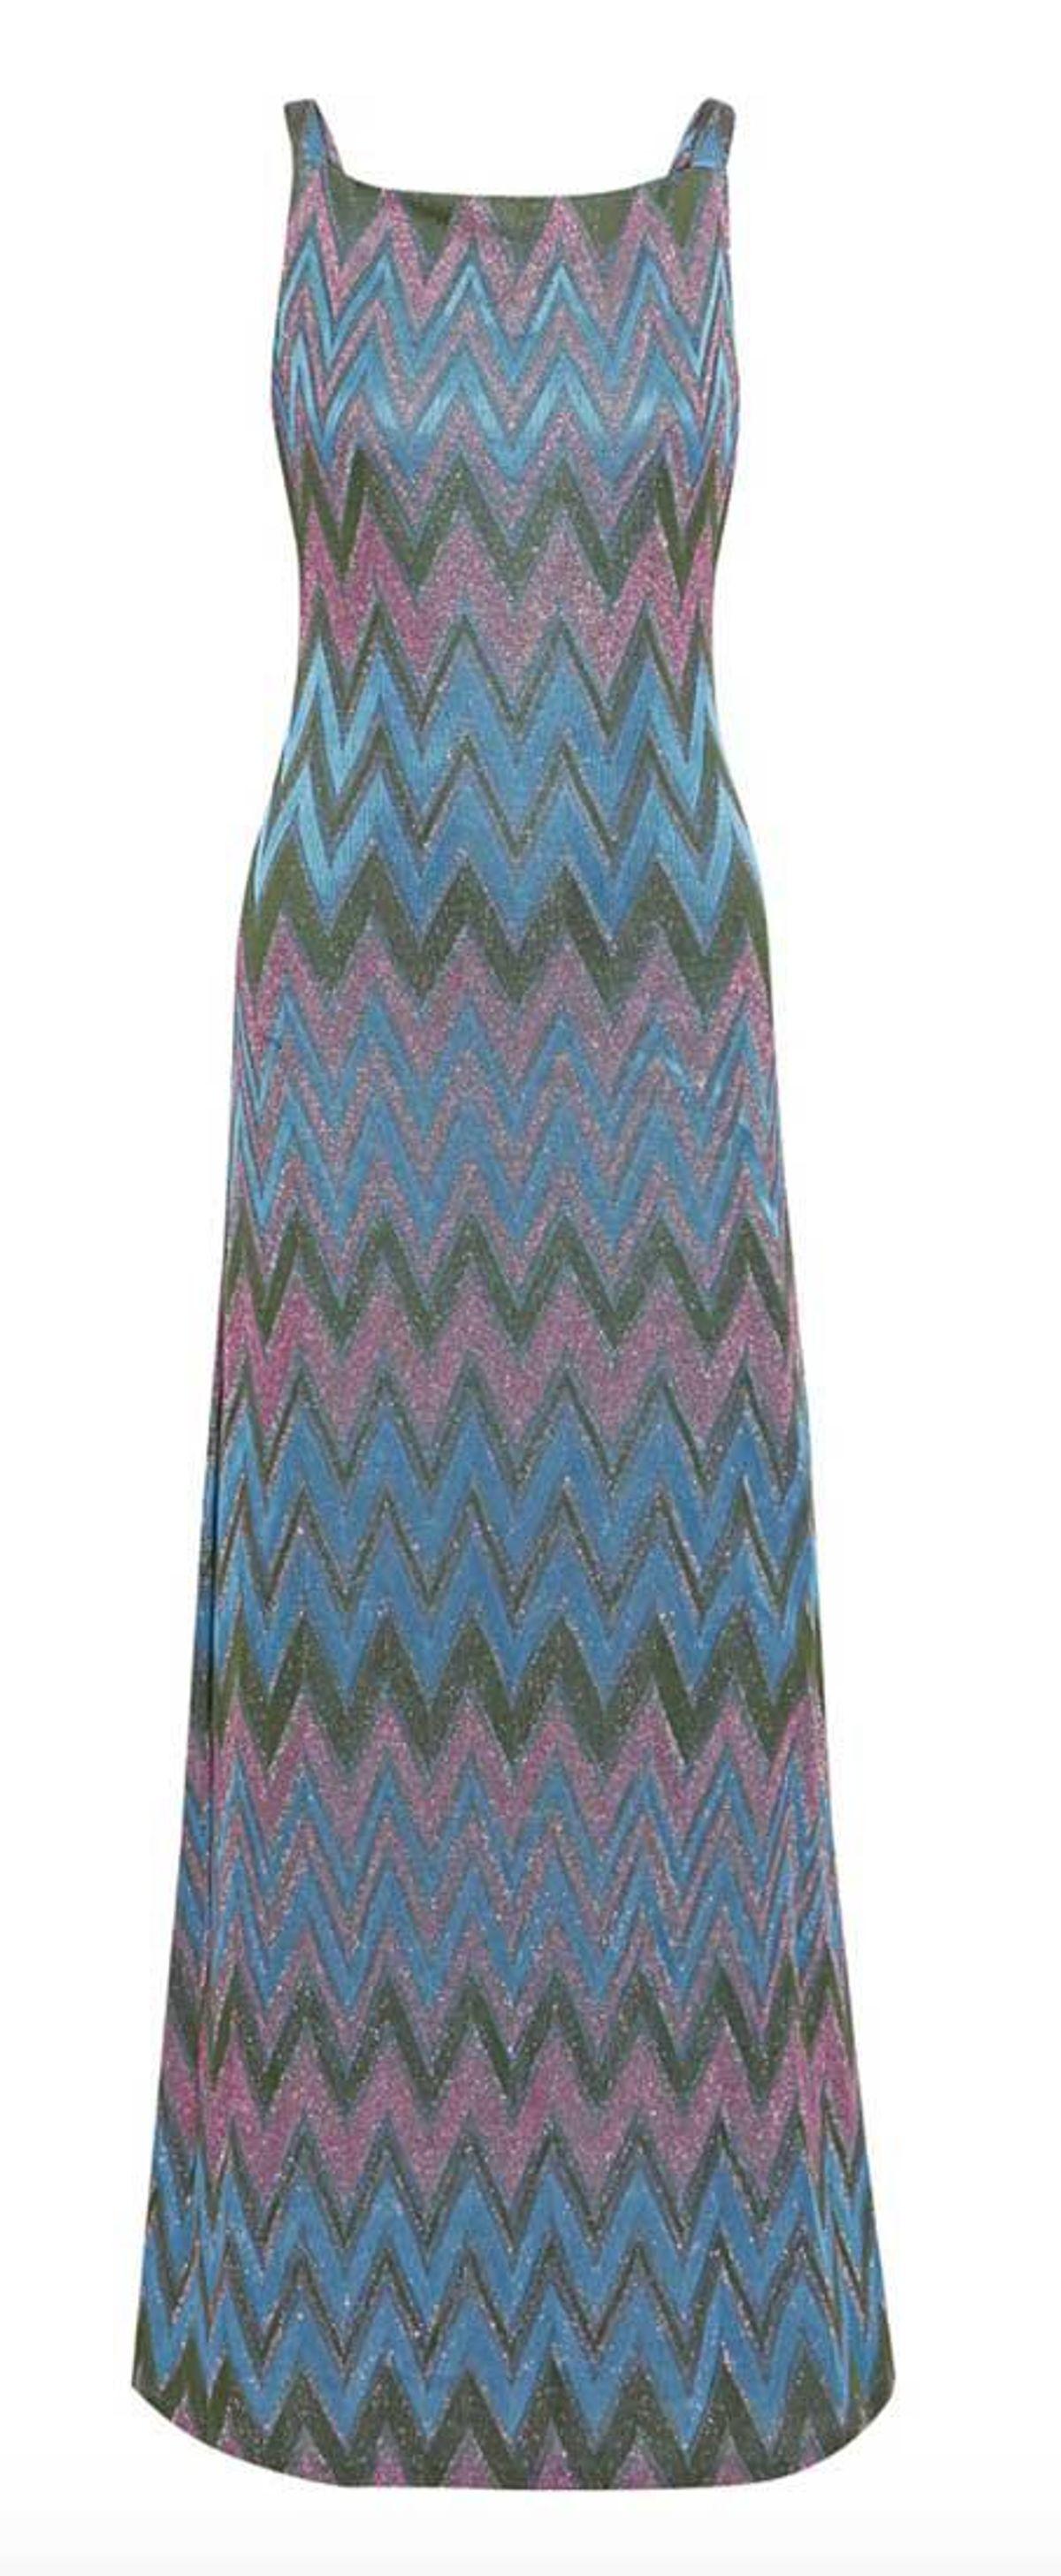 m missoni metallic crochet knit maxi dress